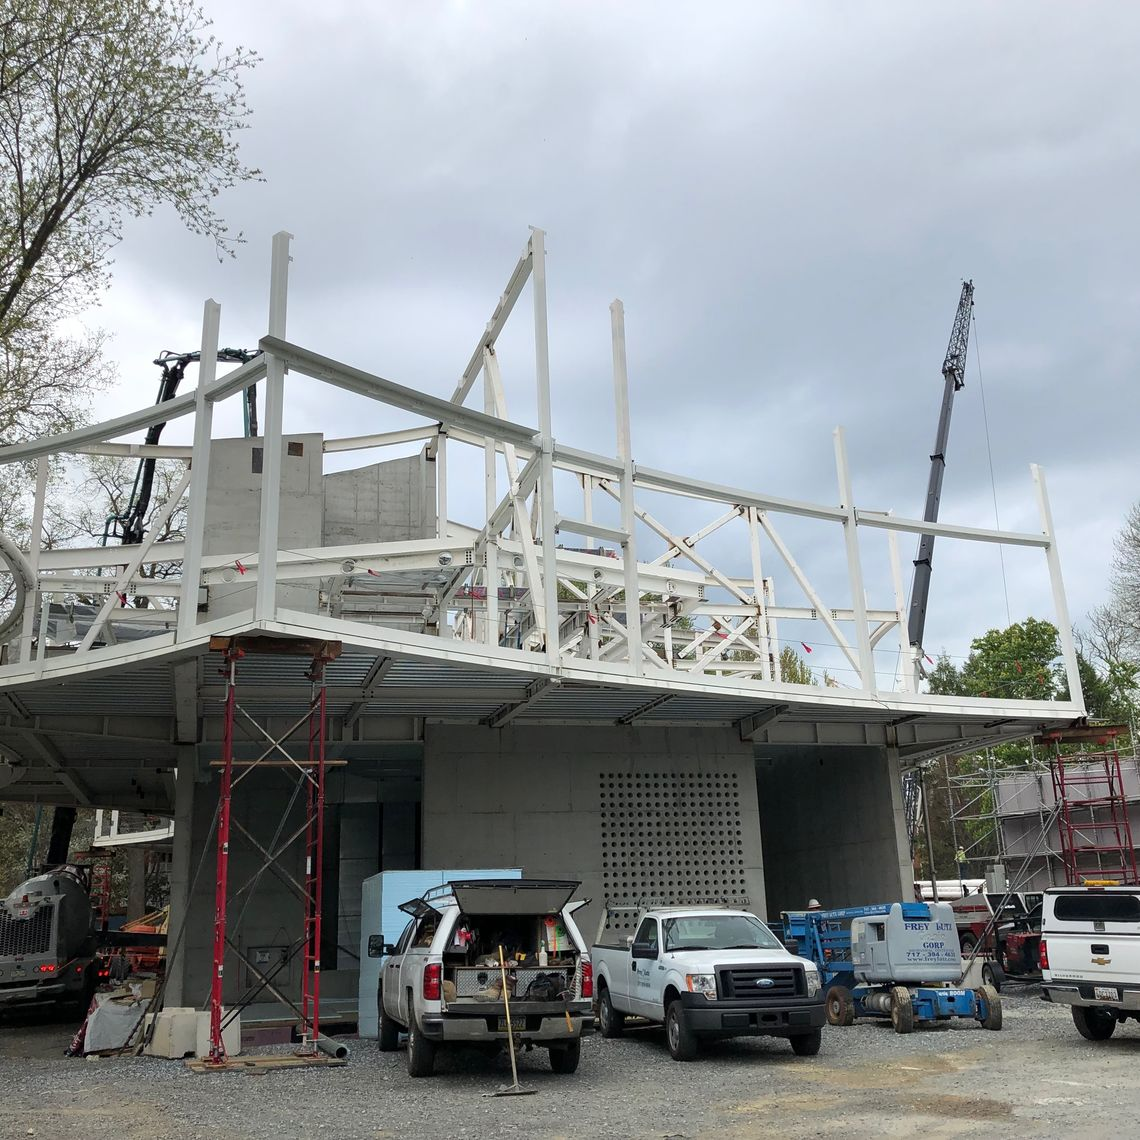 VAC April 2019